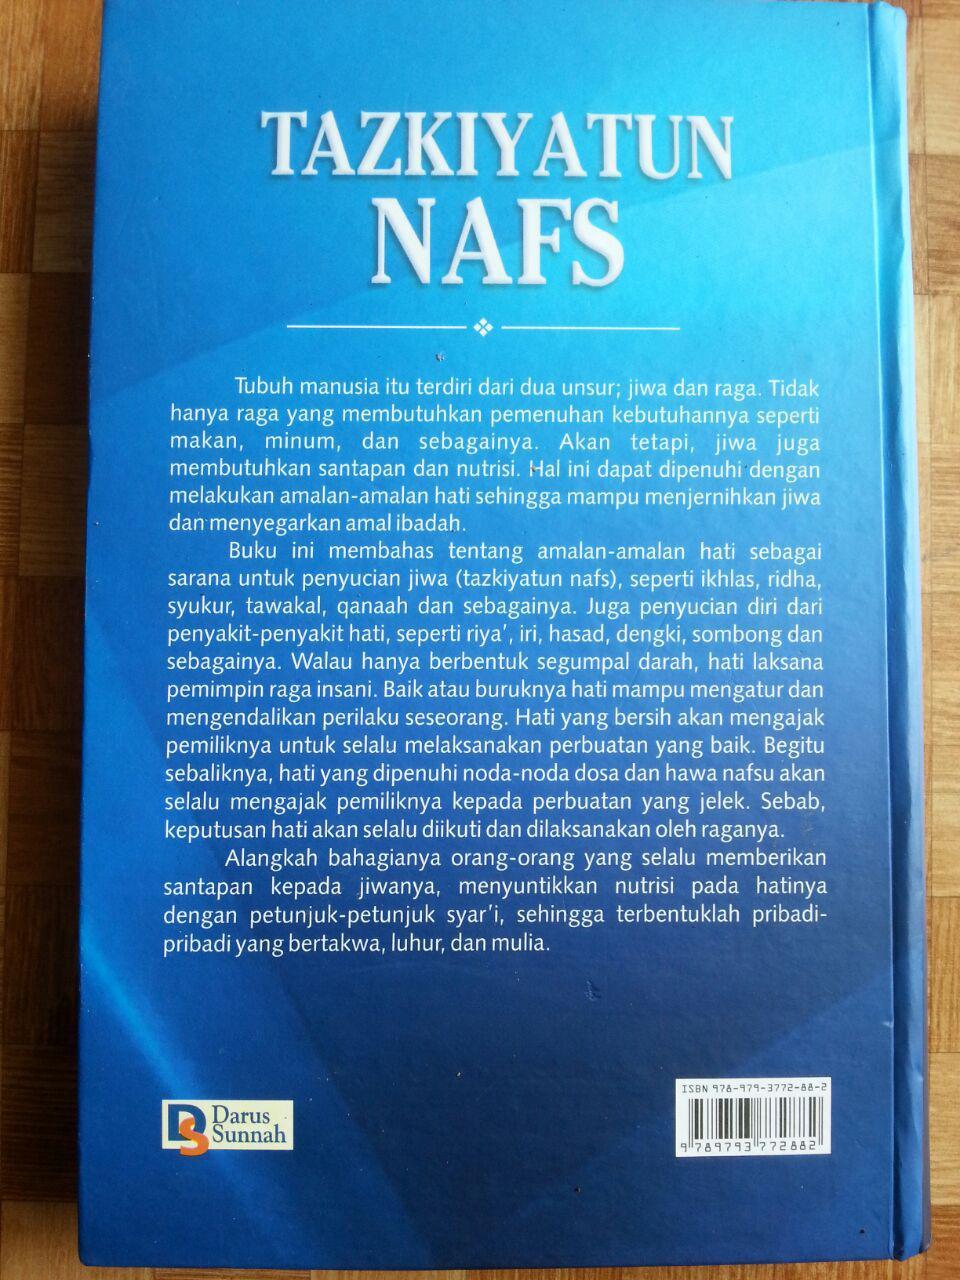 Buku Tazkiyatun Nafs cover